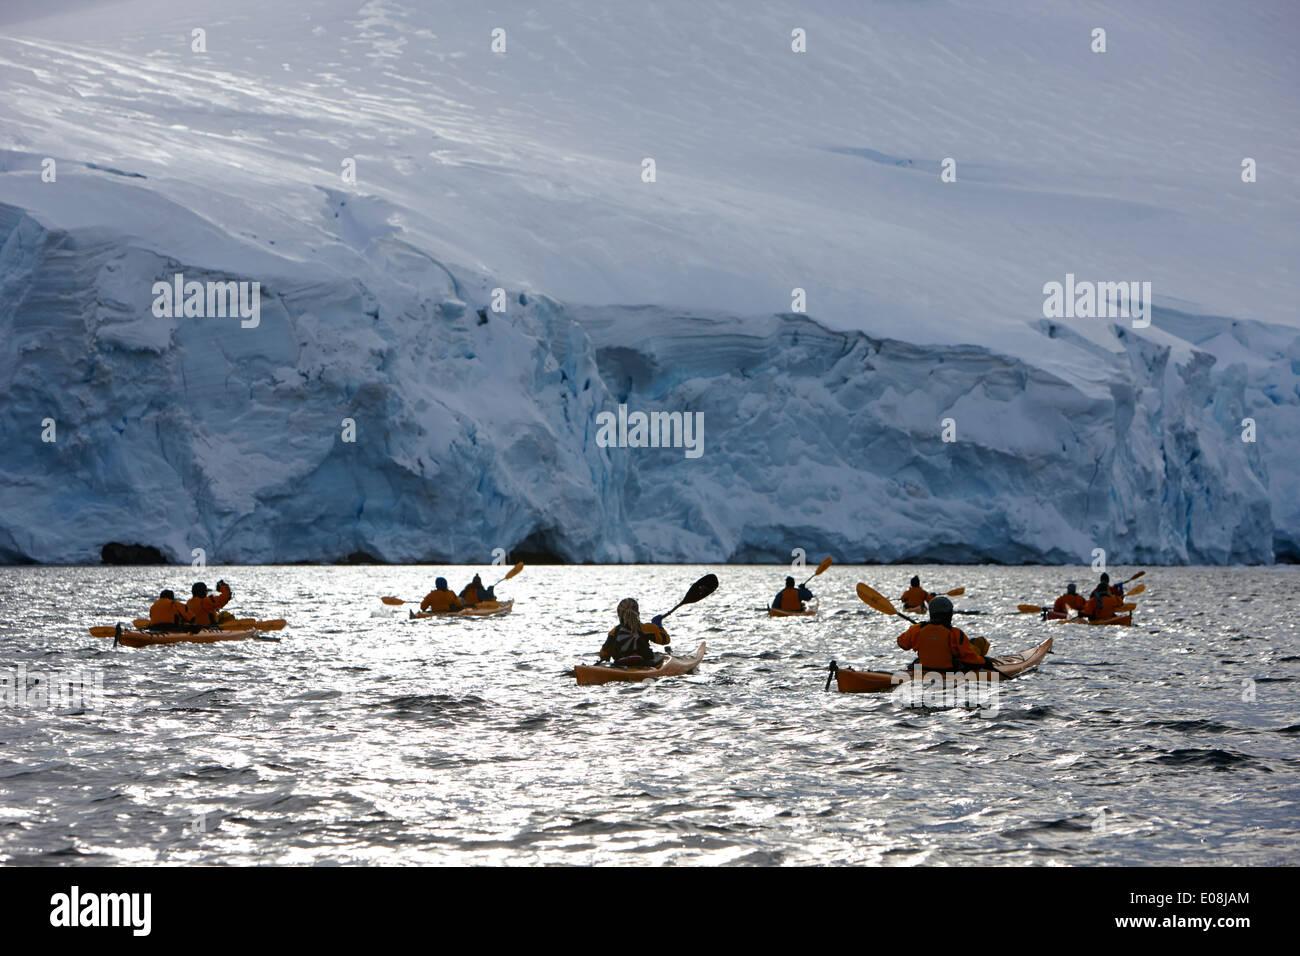 Gruppe von Meer Kajakfahrer in Port Lockroy Antarktis Stockbild